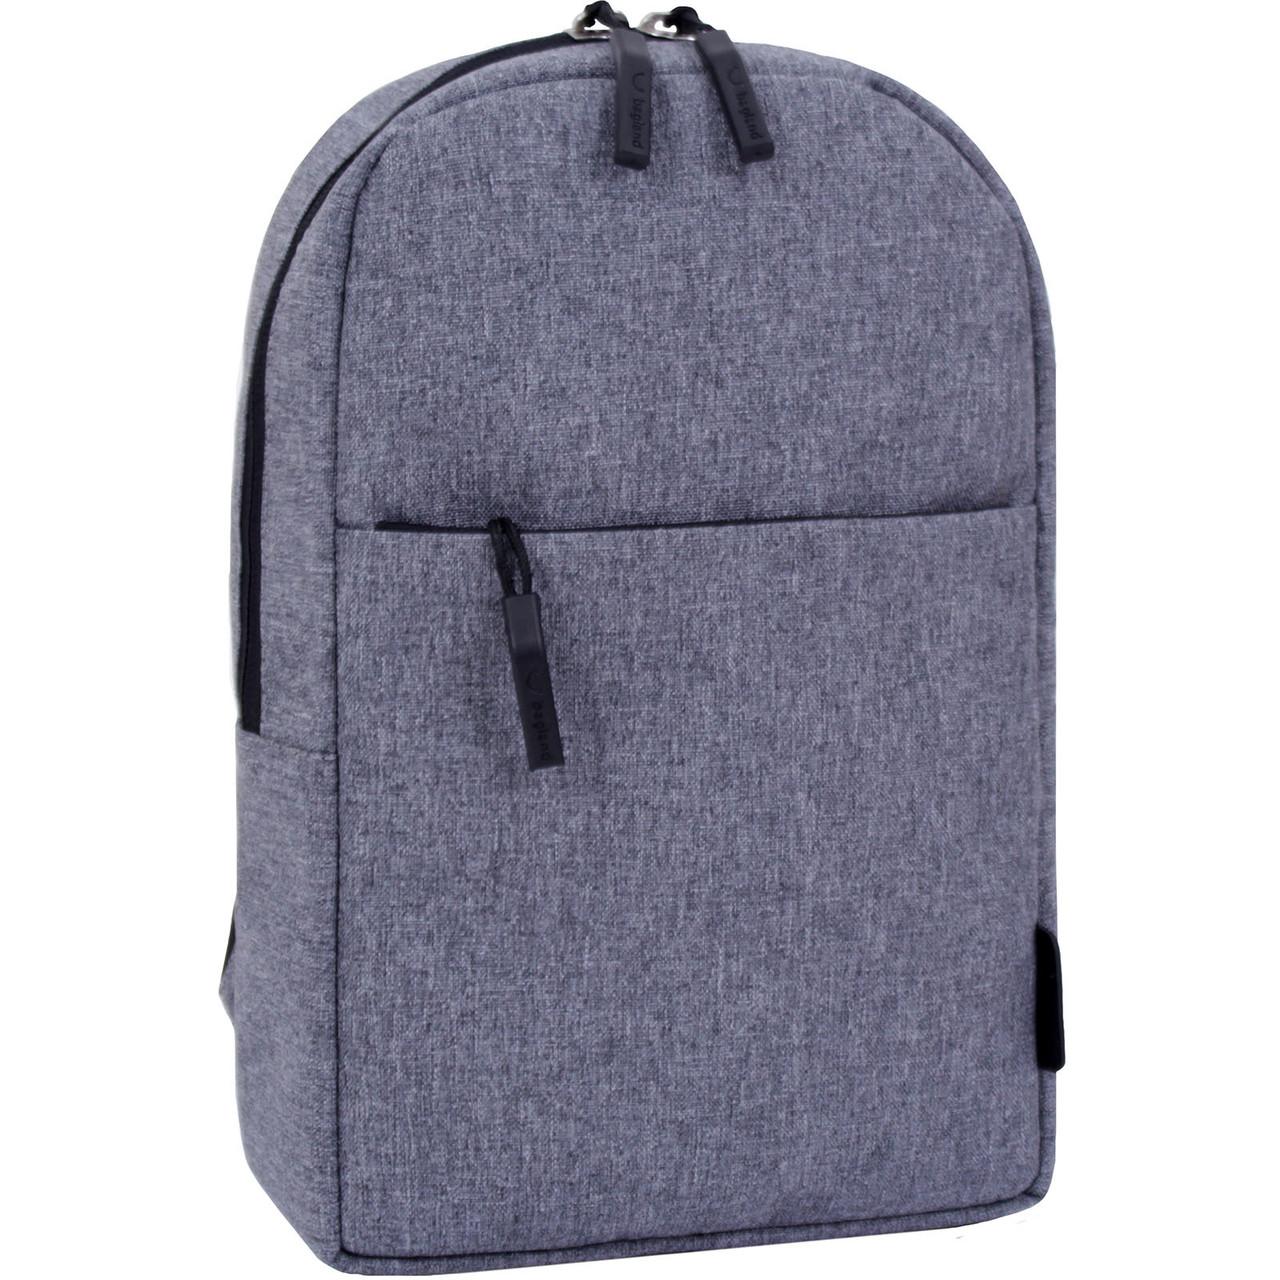 Рюкзак городской Bagland Kidney 3 л. серый